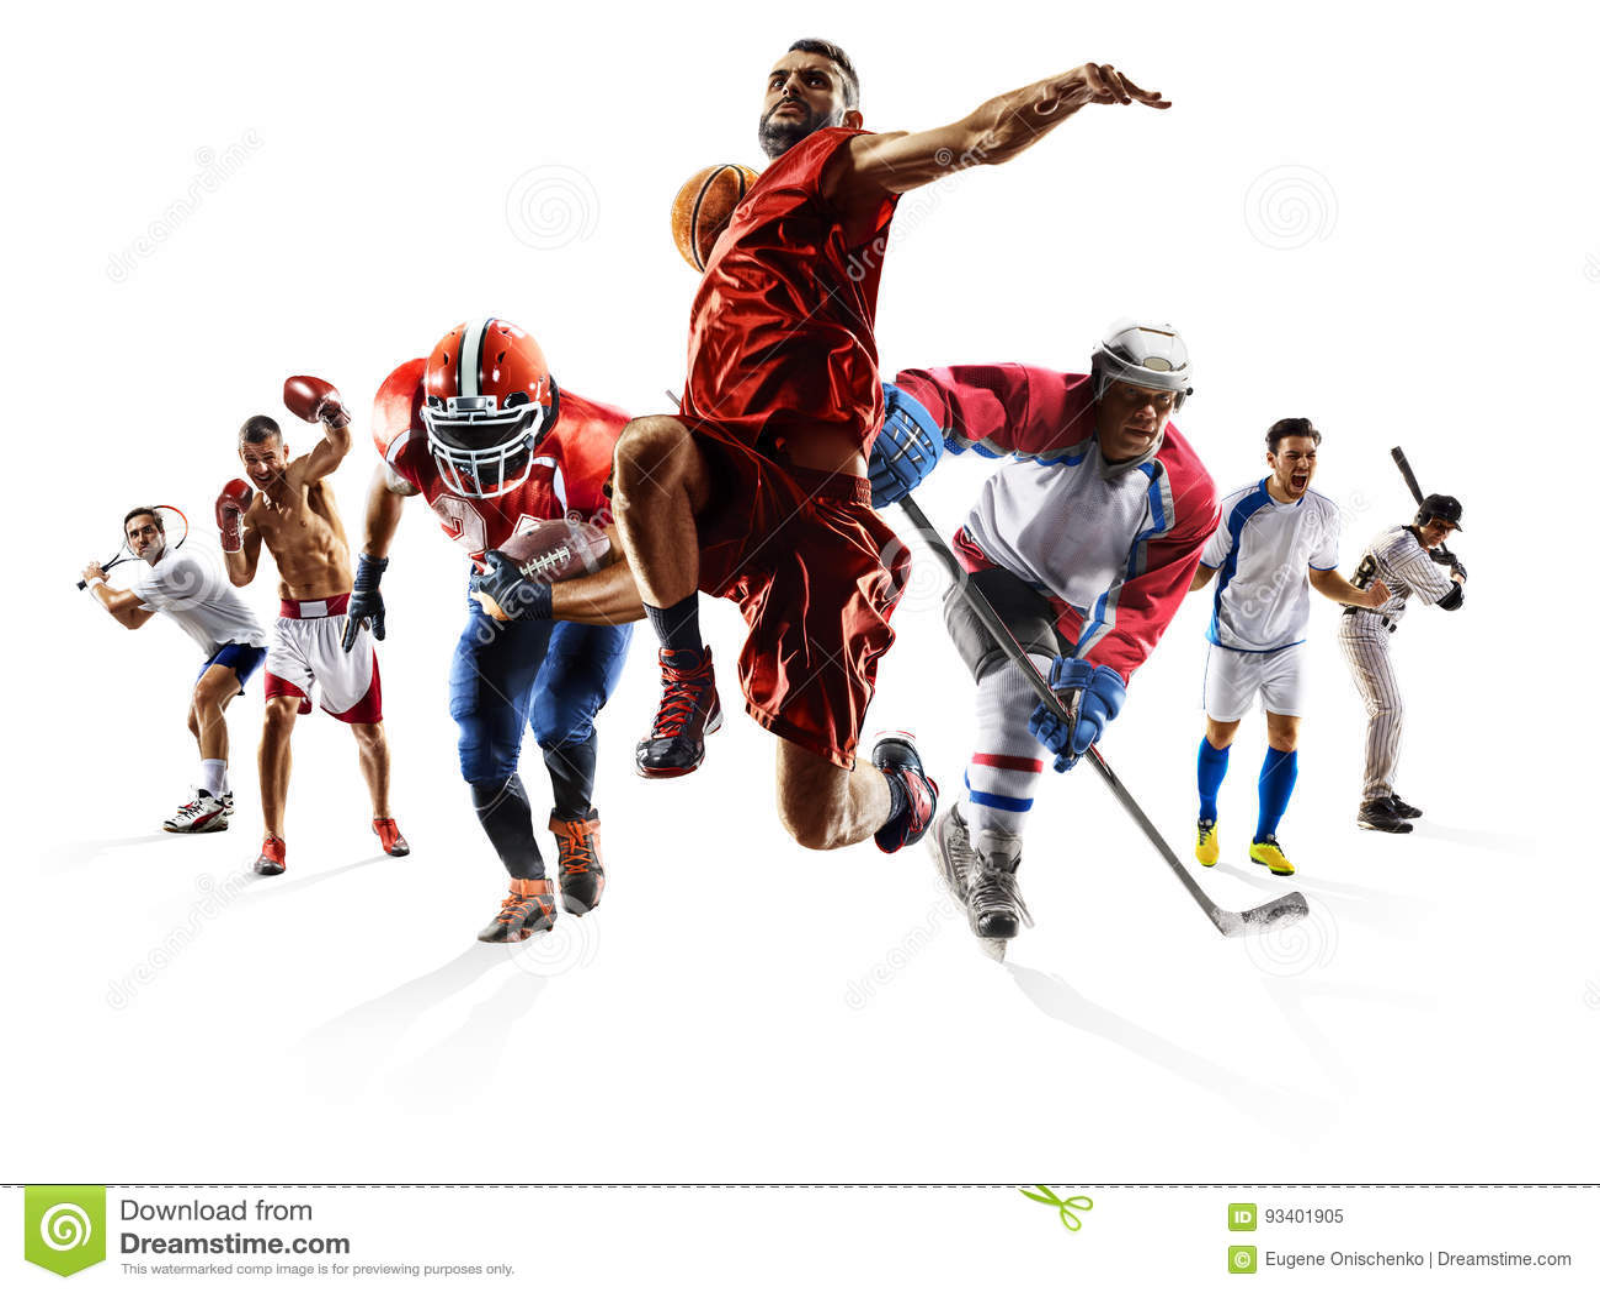 Spelare baseboll amerikansk fotboll fotboll basket ishockey